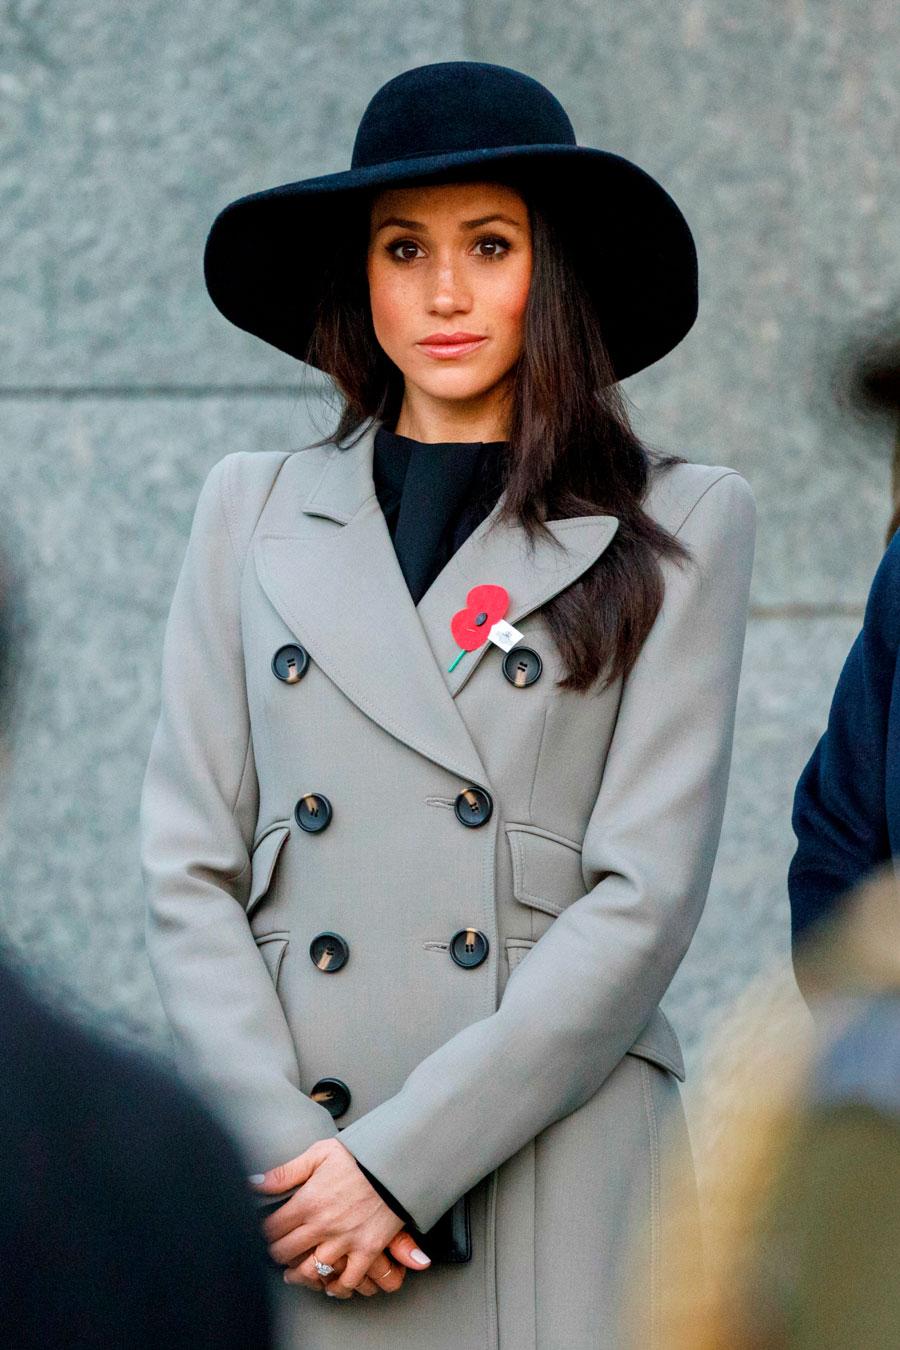 Cómo llevar sombrero  lección de estilo de Meghan Markle - InStyle 5ad515cbea9